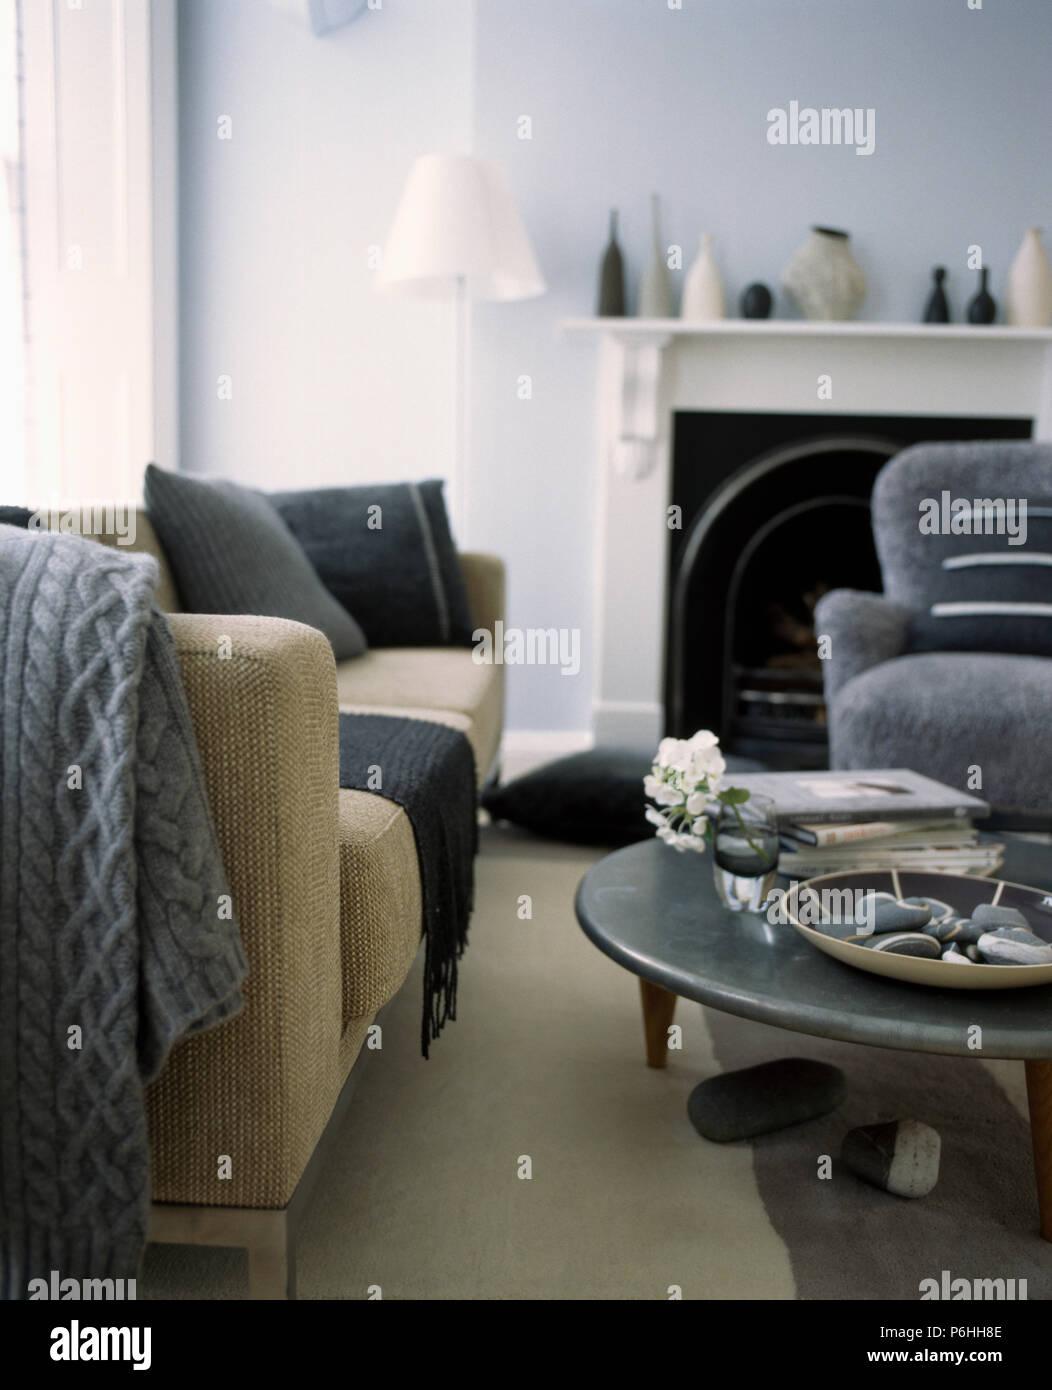 Grau Gestrickt Werfen Auf Beige Sofa In Hellem Grau Wohnzimmer Mit